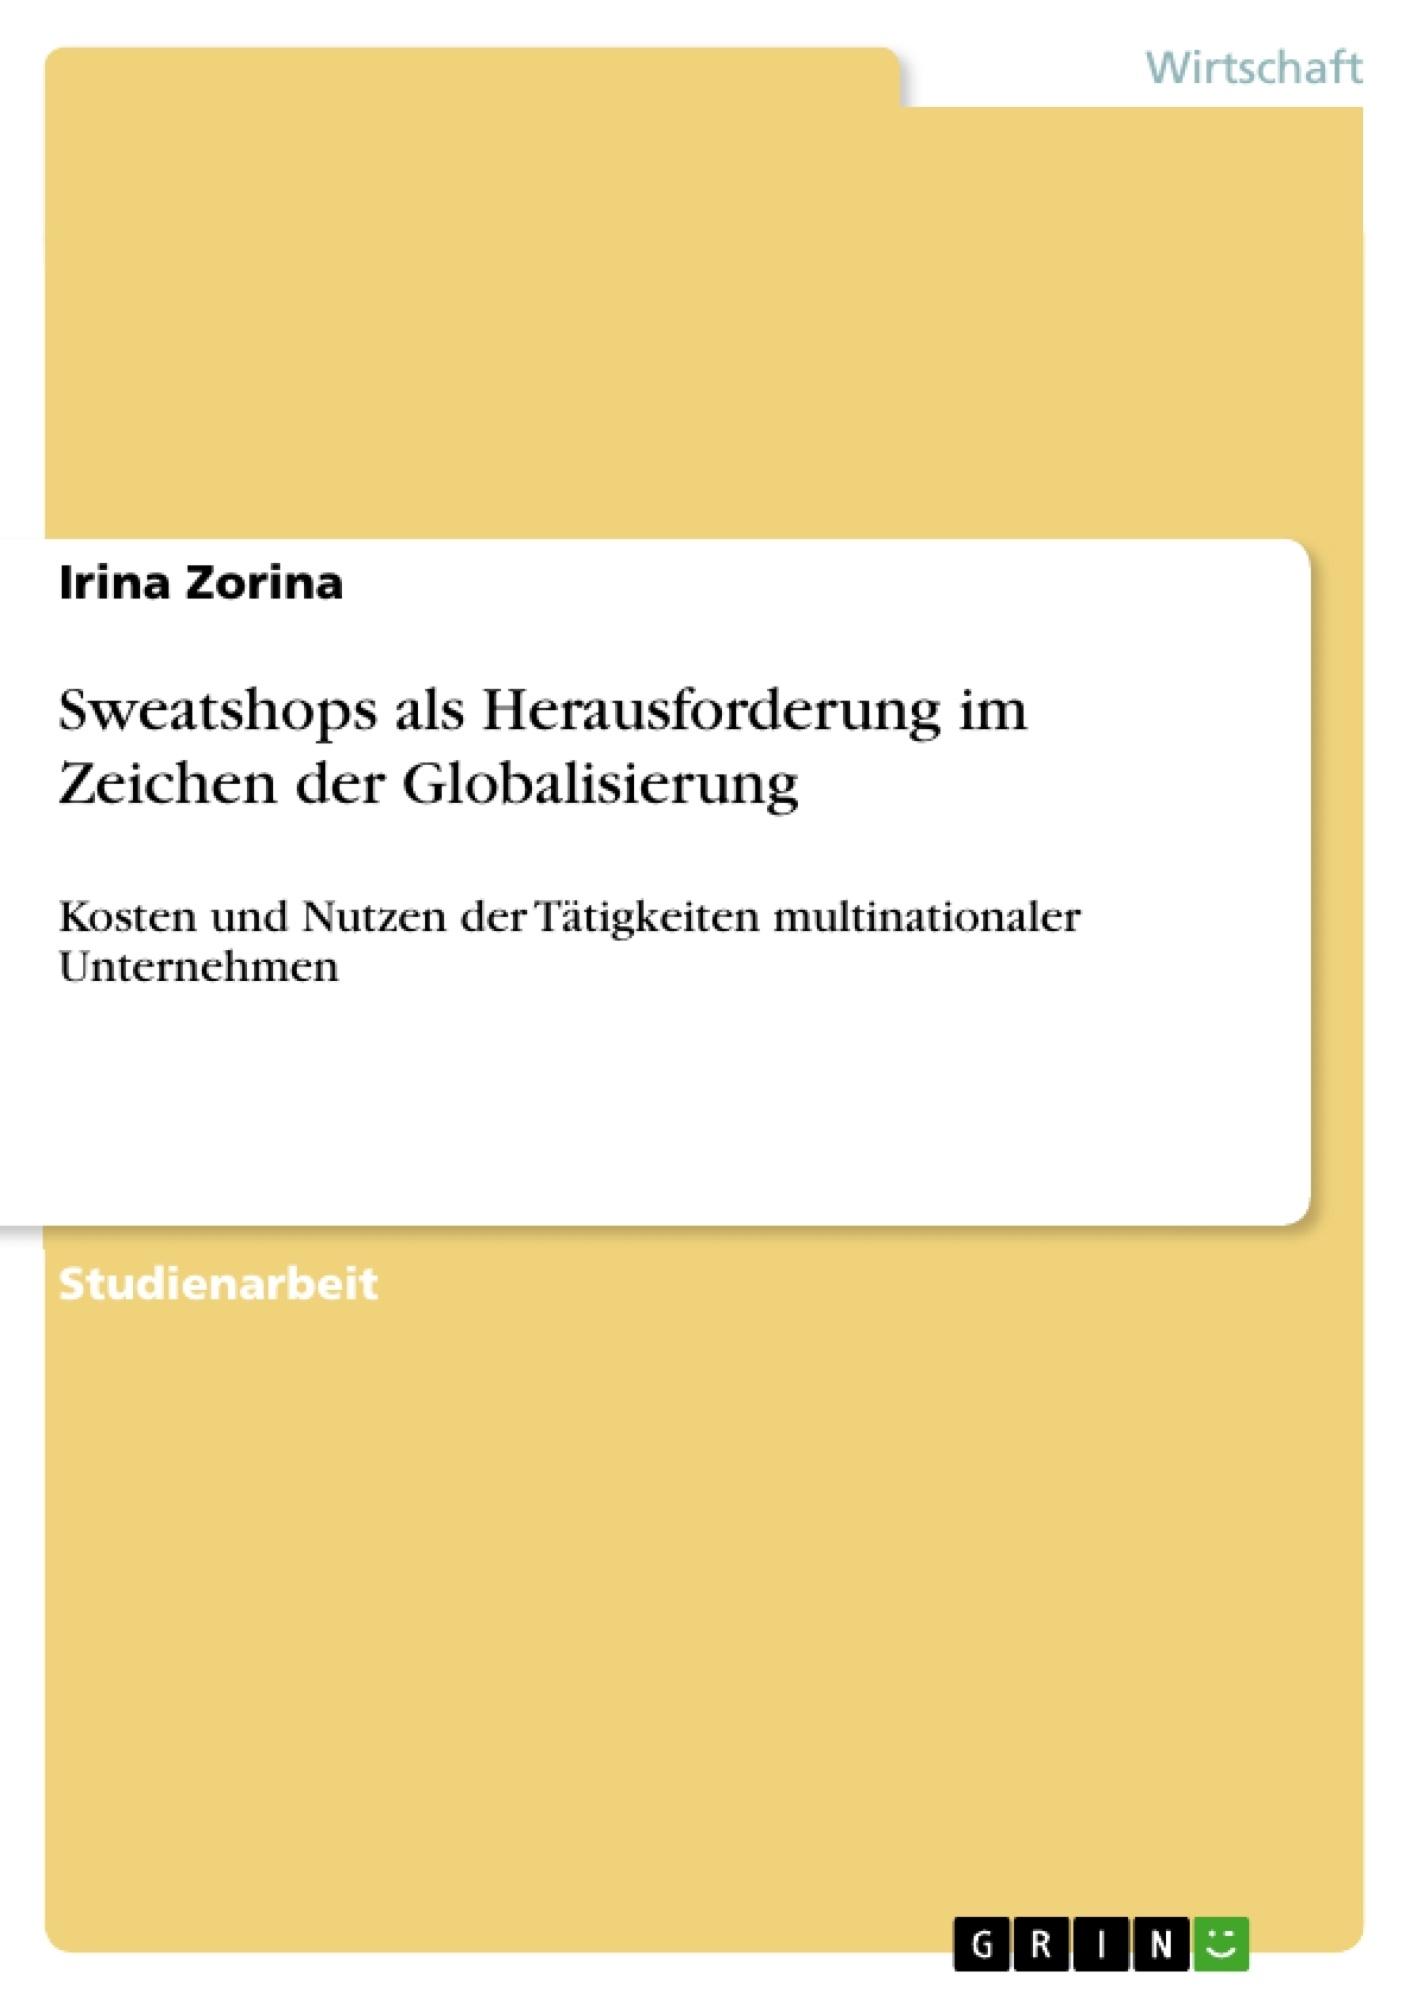 Titel: Sweatshops als Herausforderung im Zeichen der Globalisierung